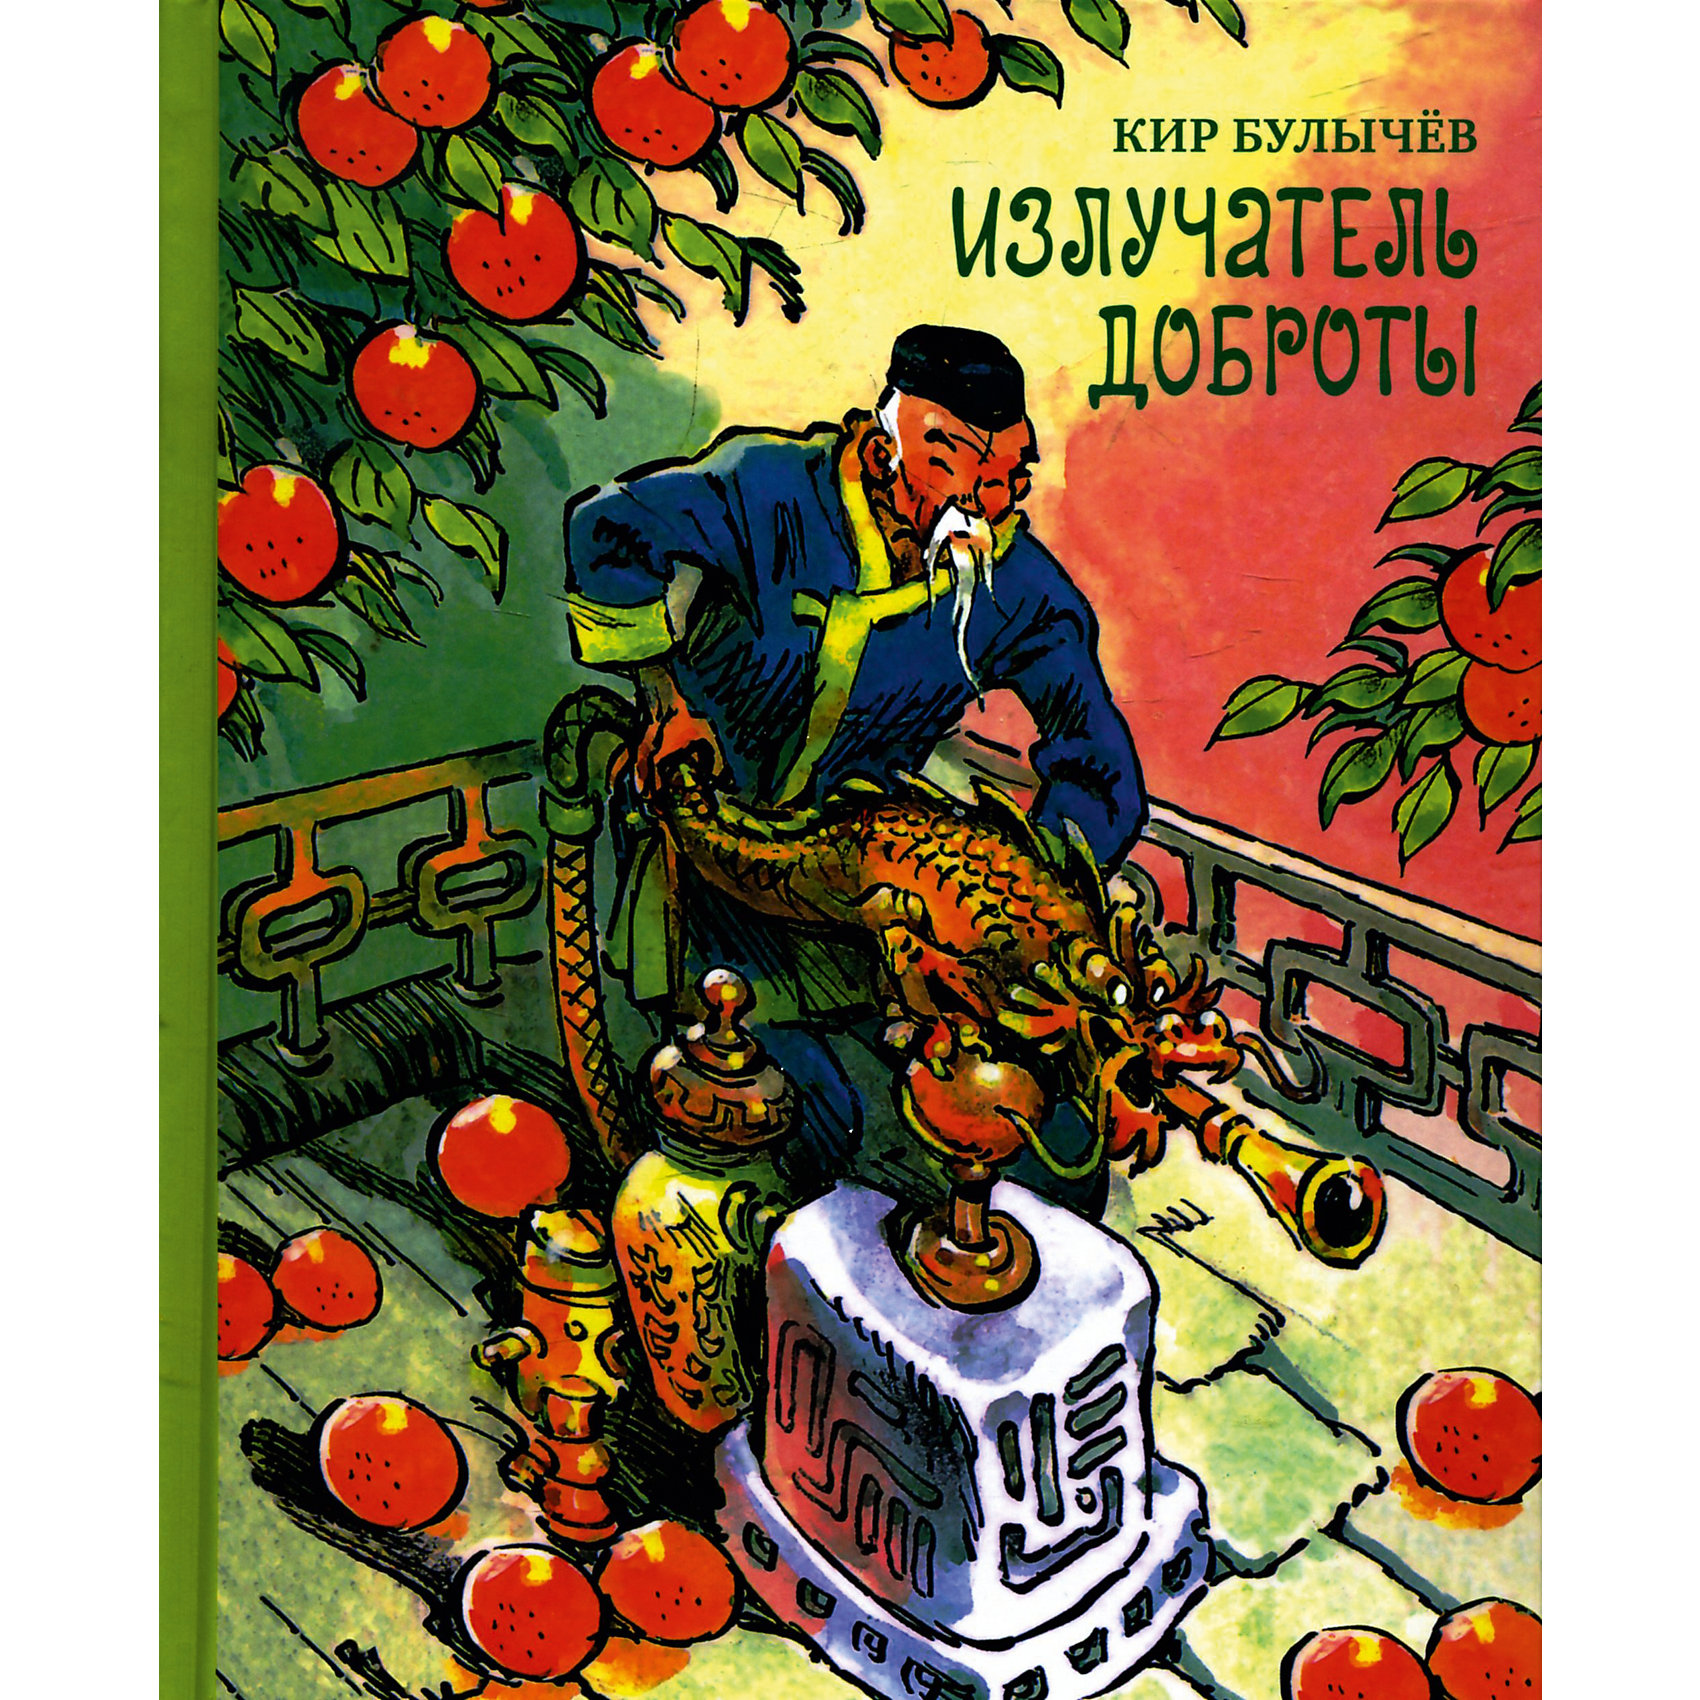 Излучатель доброты, К. БулычевИзлучатель доброты, К. Булычев – это фантастическая повесть о захватывающих приключениях Алисы и Коры Орват.<br>Излучатель доброты - повесть из цикла о приключениях всем знакомой девочки с Земли. На этот раз двенадцатилетняя Алиса Селезнева становится участником настоящей детективной истории. Вместе с Корой Орват - героиней другого булычевского цикла - Алиса расследует таинственное похищение столетнего ученого-физика, пропавшего накануне своего юбилея. Ученый этот разработал уникальный прибор - излучатель доброты, - позволяющий концентрированным добром воздействовать на растения, а, возможно, и на человека. Но вот профессор исчез, прибор уничтожен, и разобраться в причинах всего этого под силу только Алисе… Для среднего школьного возраста.<br><br>Дополнительная информация:<br><br>- Автор: Булычев Кир<br>- Художник: Мигунов Евгений Тихонович<br>- Редактор: Мещеряков Вадим Юрьевич<br>- Издательство: ИД Мещерякова, 2015 г.<br>- Серия: БИСС<br>- Тип обложки: 7Б - твердая (плотная бумага или картон)<br>- Иллюстрации: черно-белые<br>- Количество страниц: 160 (офсет)<br>- Размер: 220x170x18 мм.<br>- Вес: 424 гр.<br><br>Книгу «Излучатель доброты», К. Булычев можно купить в нашем интернет-магазине.<br><br>Ширина мм: 171<br>Глубина мм: 14<br>Высота мм: 222<br>Вес г: 500<br>Возраст от месяцев: 72<br>Возраст до месяцев: 144<br>Пол: Унисекс<br>Возраст: Детский<br>SKU: 4522405